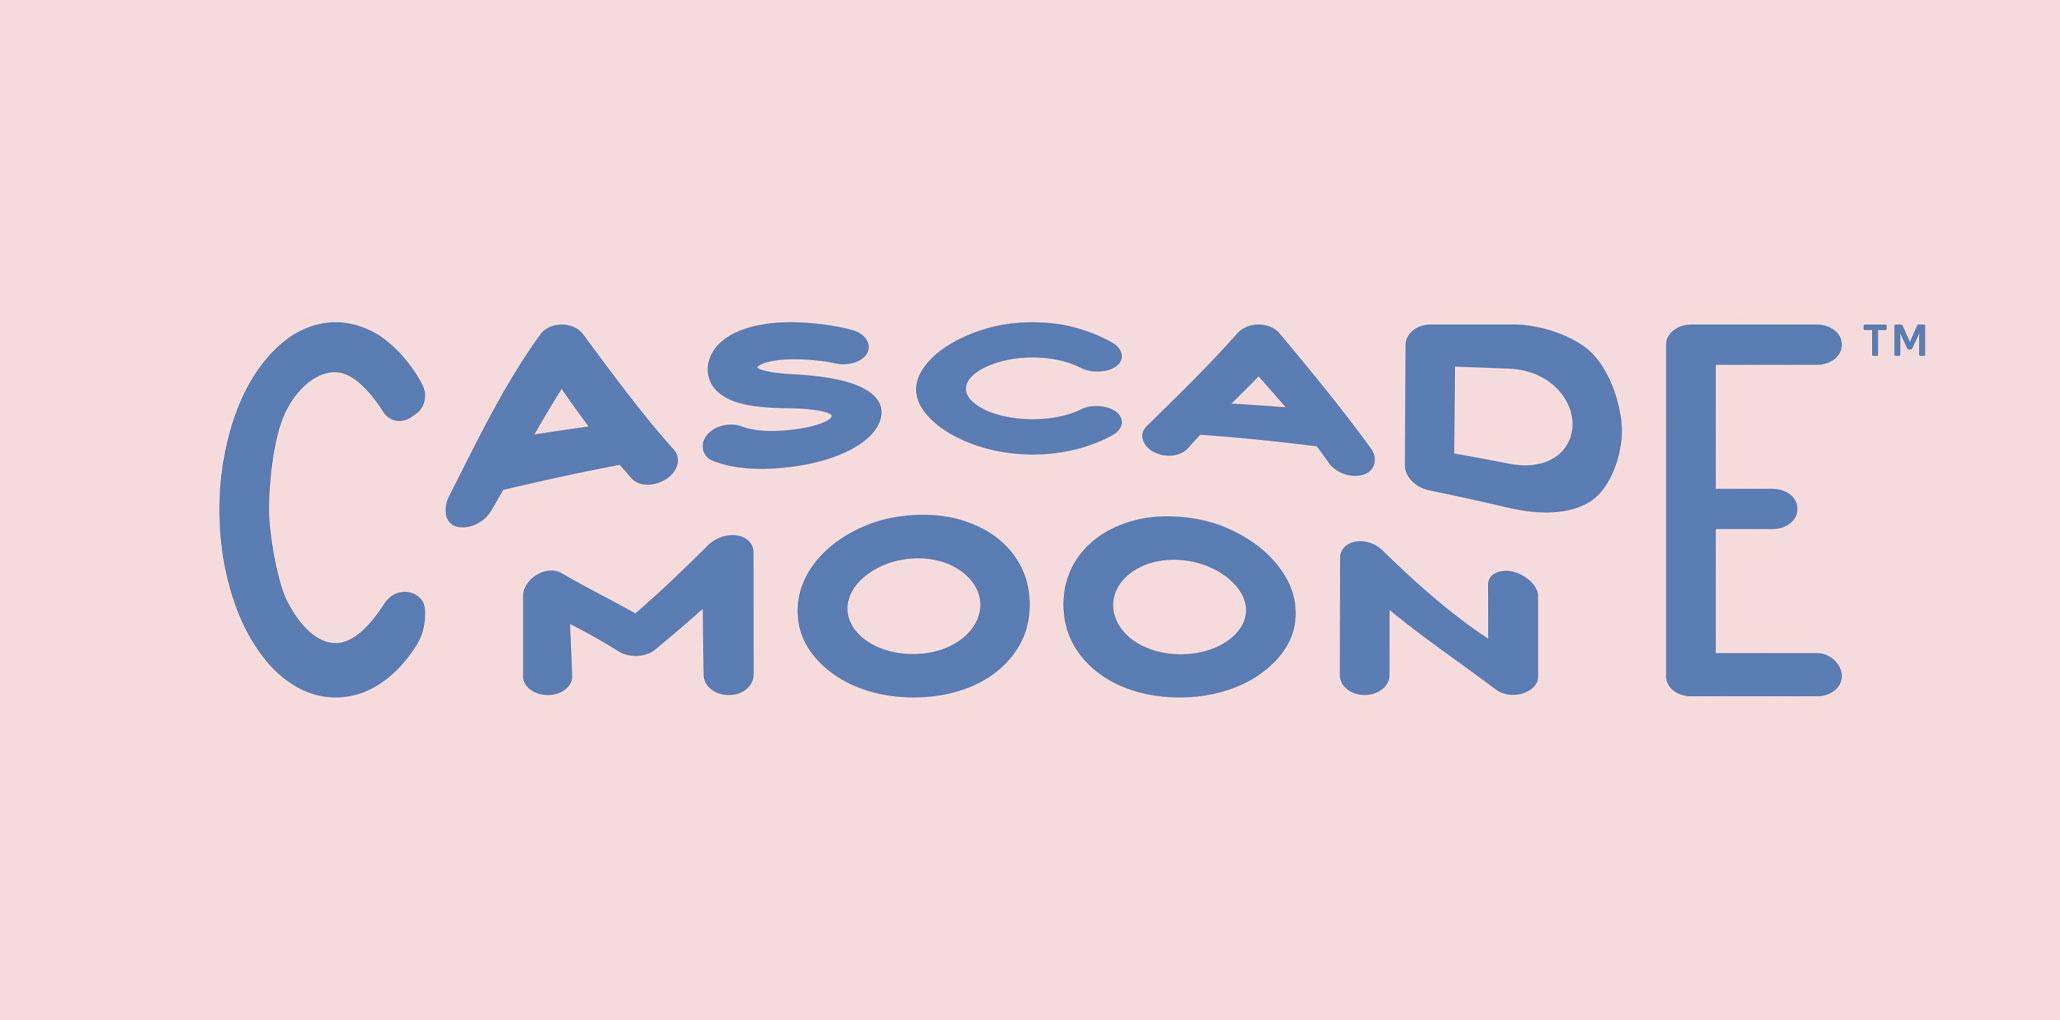 CascadeMoon_03.jpg